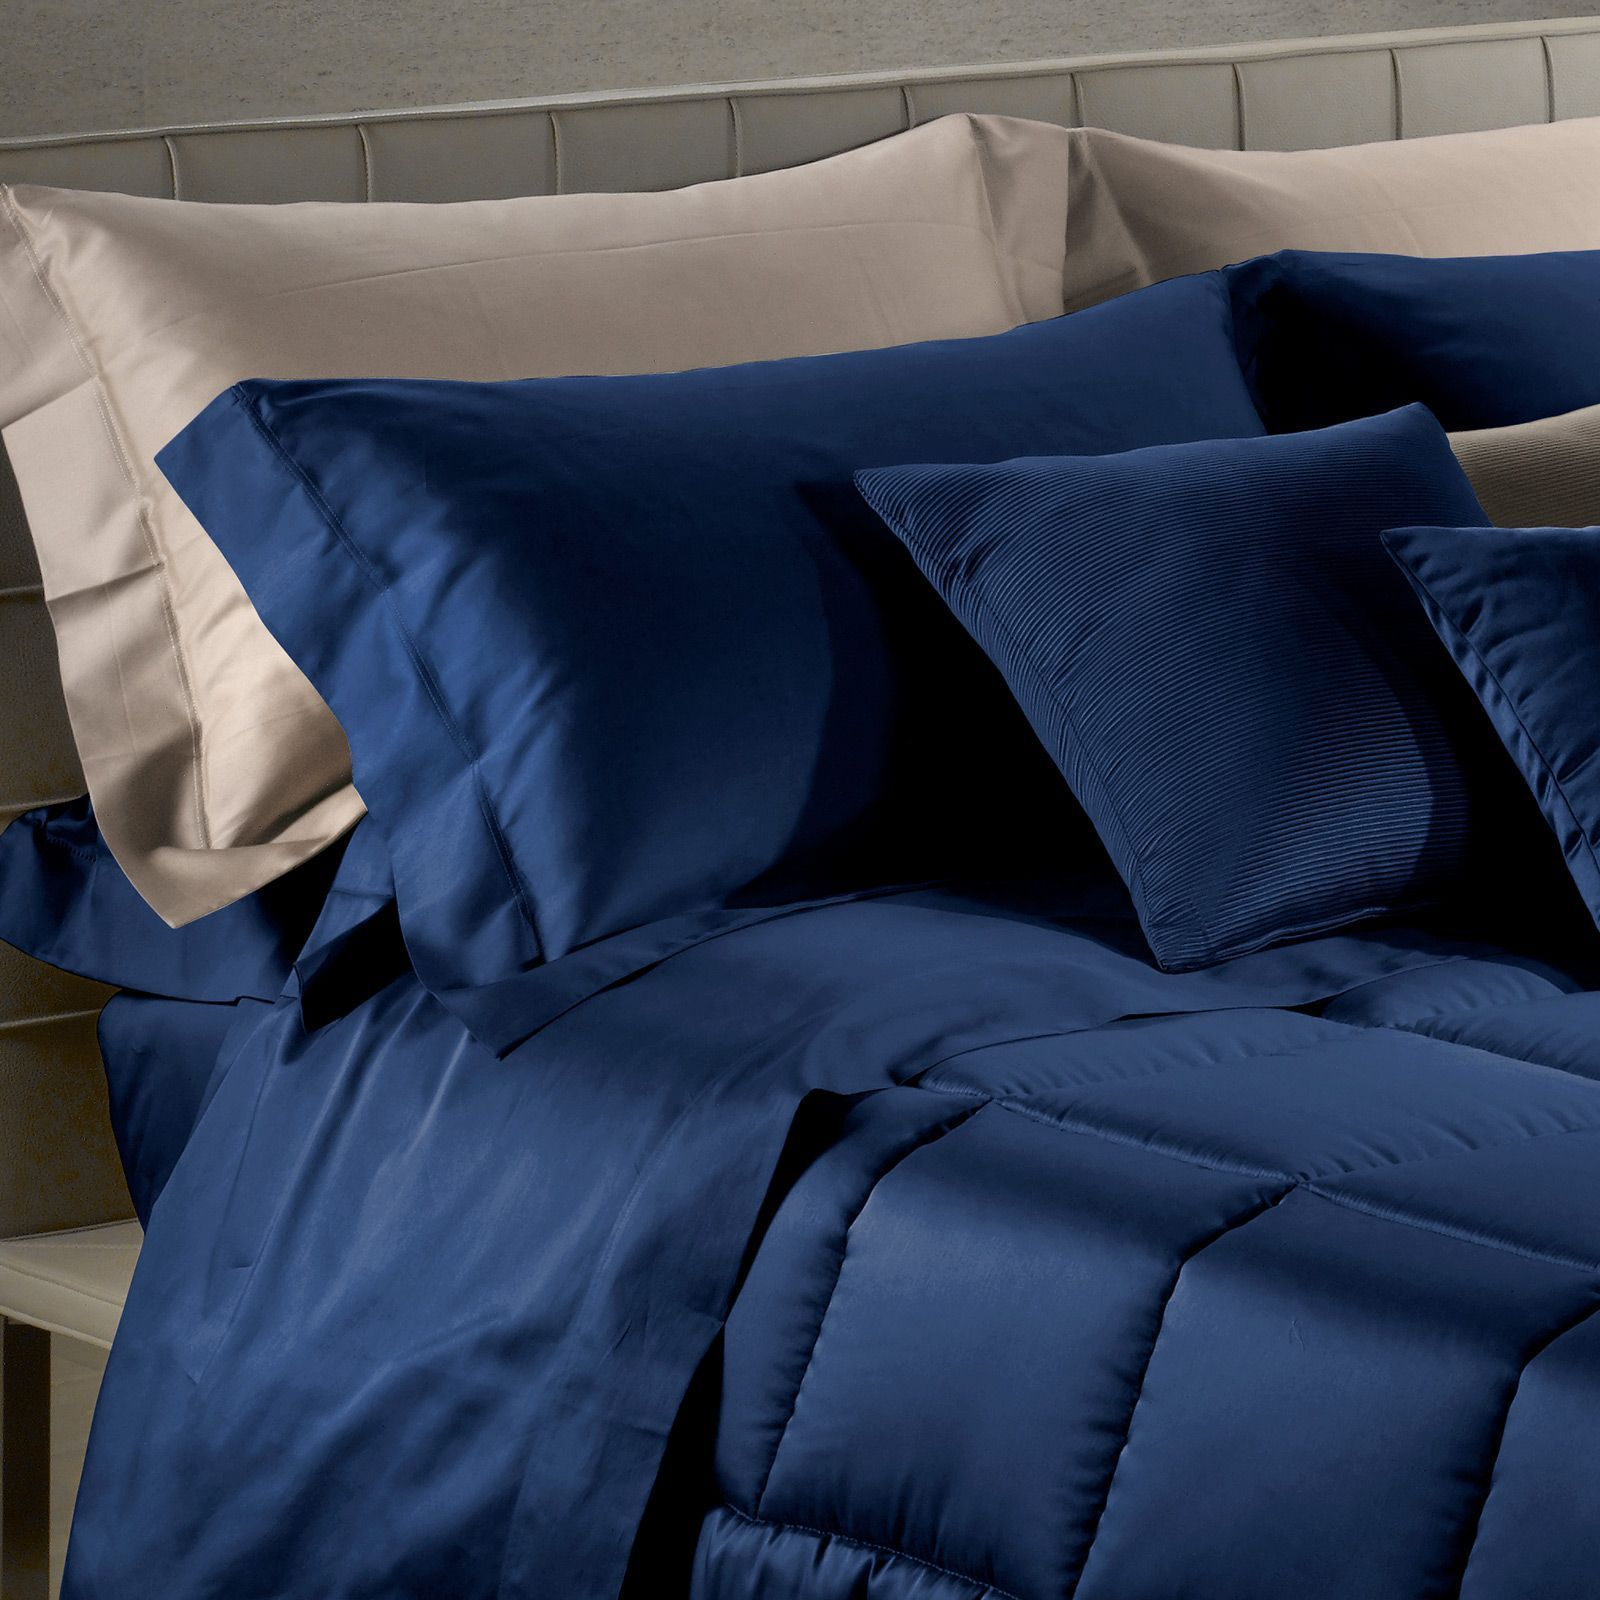 Для сна Наволочки 2шт 50x70 Caleffi Raso Tinta Unito темно-синие komplekt-navolochek-caleffi-raso-tinta-unito-temno-siniy-italiya.jpg